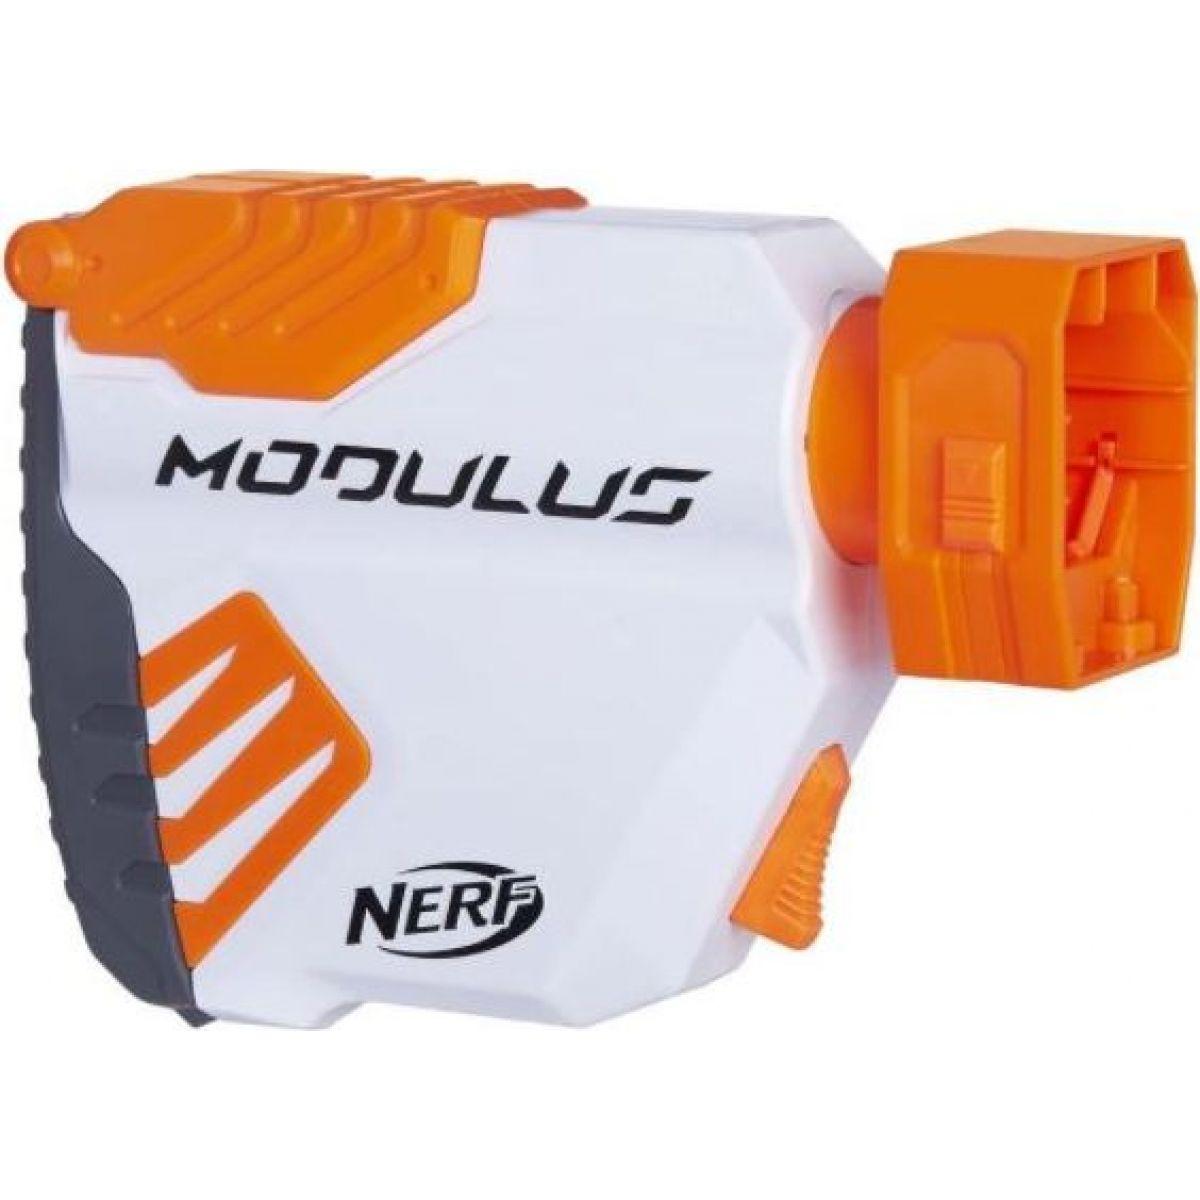 Nerf N-Strike Modulus Gear Prídavná pažba s boxom na náboje